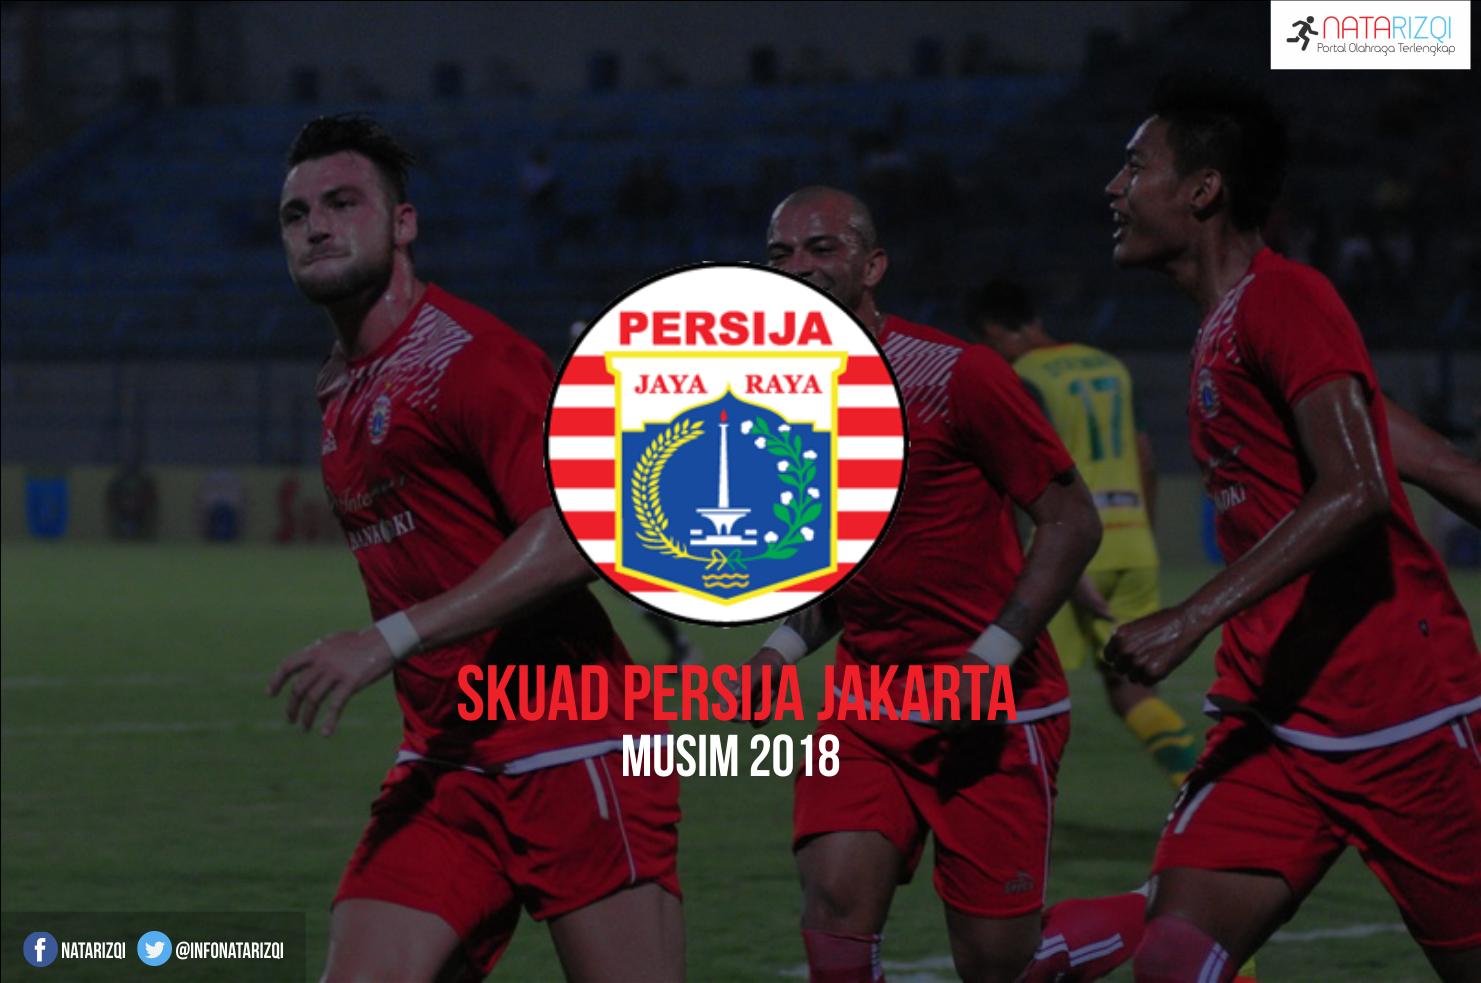 Inilah Daftar Skuad Pemain Persija Jakarta Musim 2018